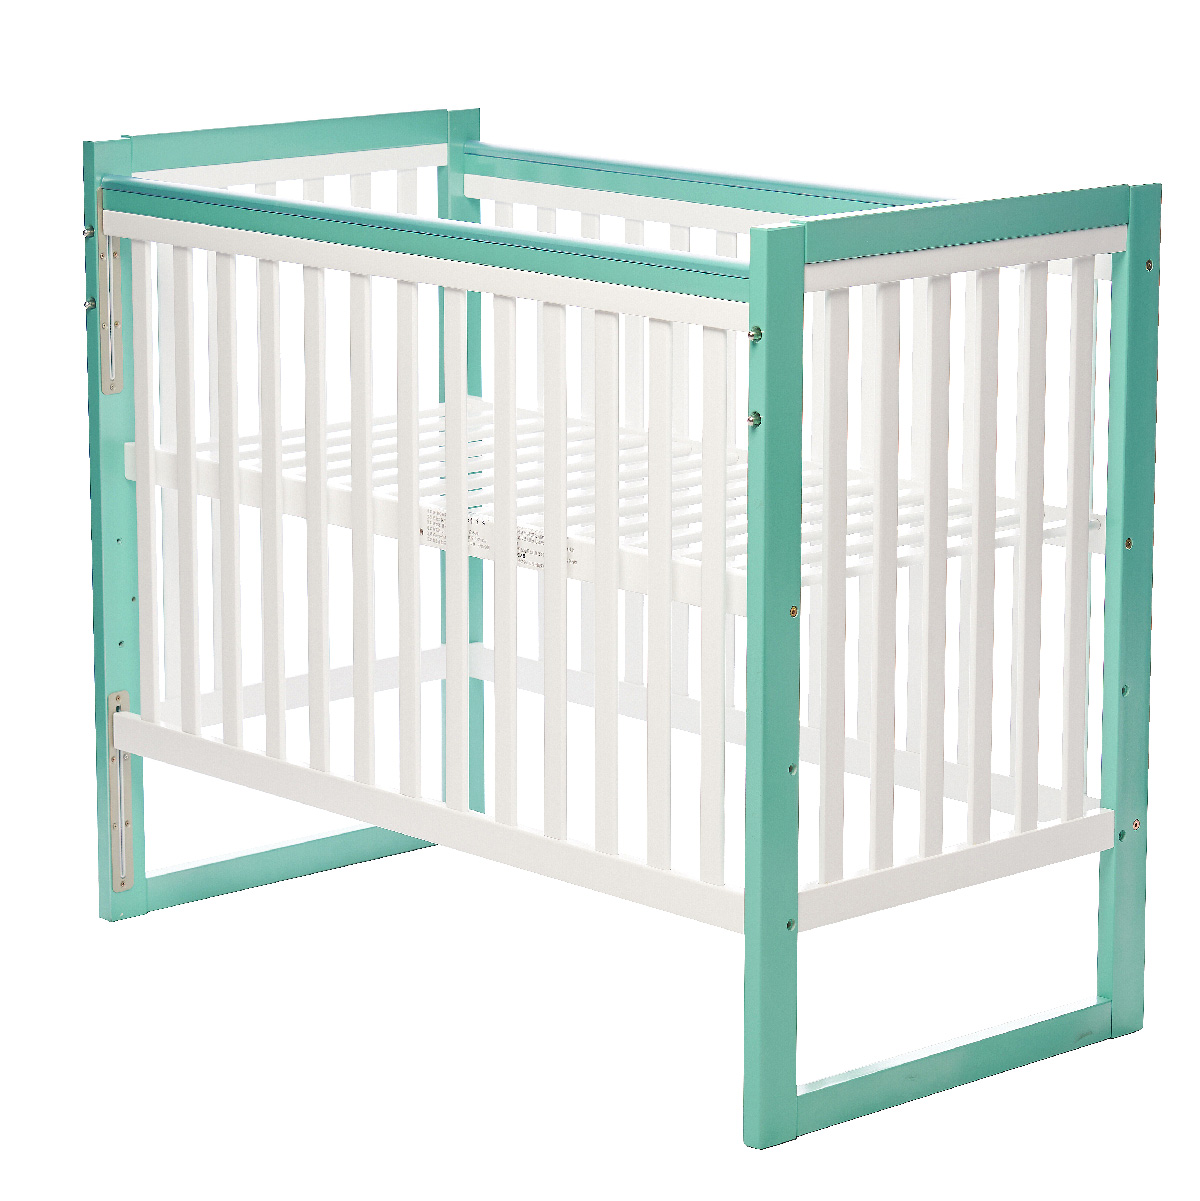 三合一嬰兒床 - 拉菲爾(中床)